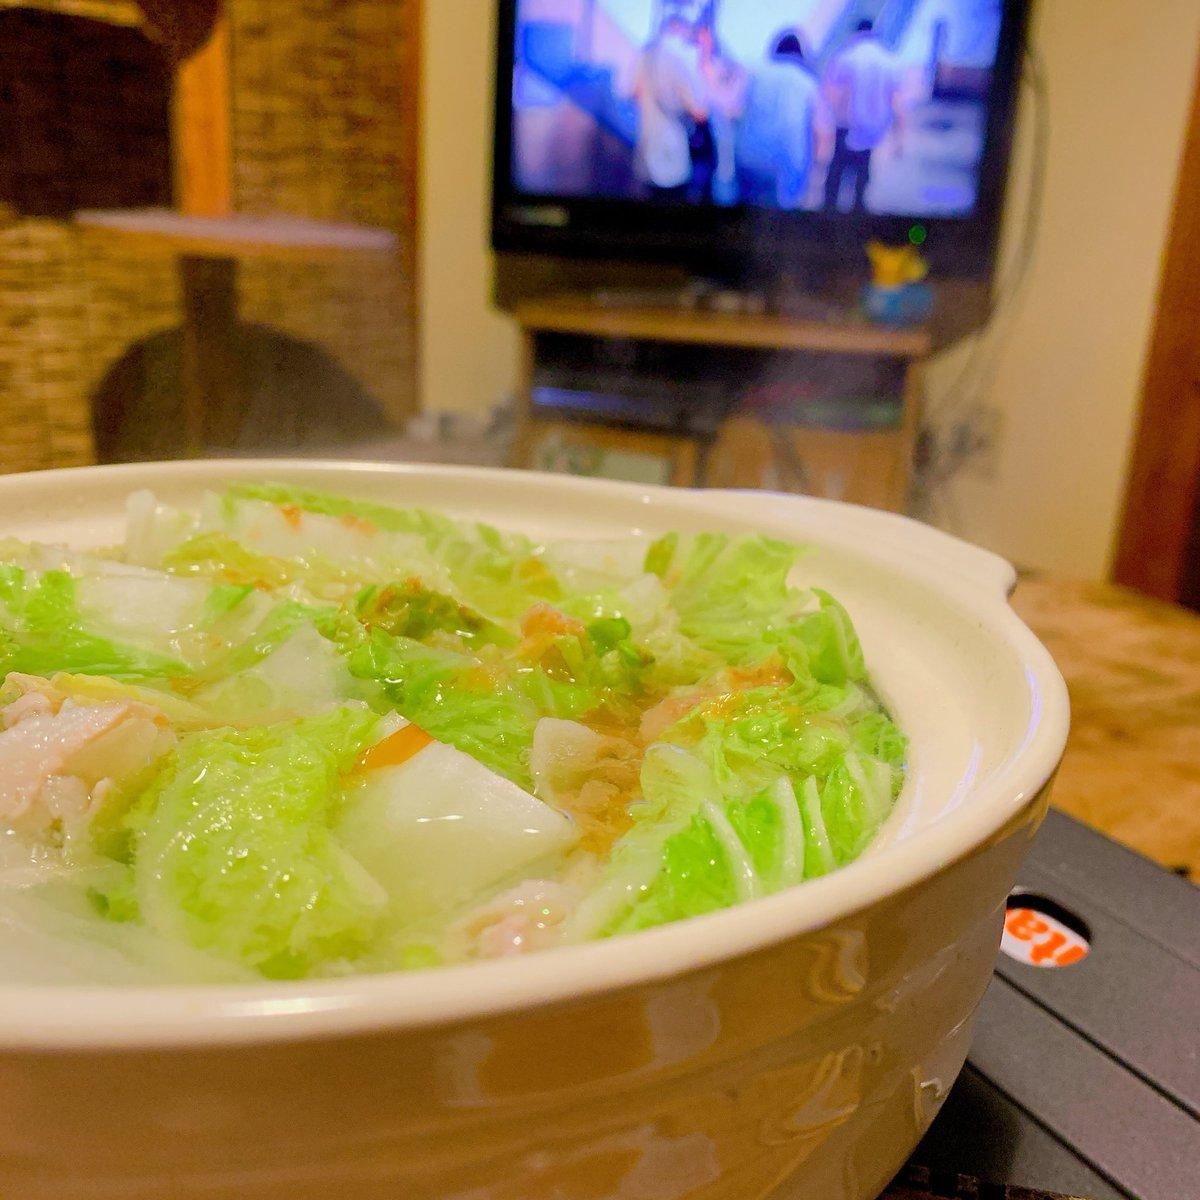 test ツイッターメディア - 白菜と豚バラのミルフィーユ鍋とカメラを止めるな~!!!!さいこー https://t.co/MdRGMC6lGq